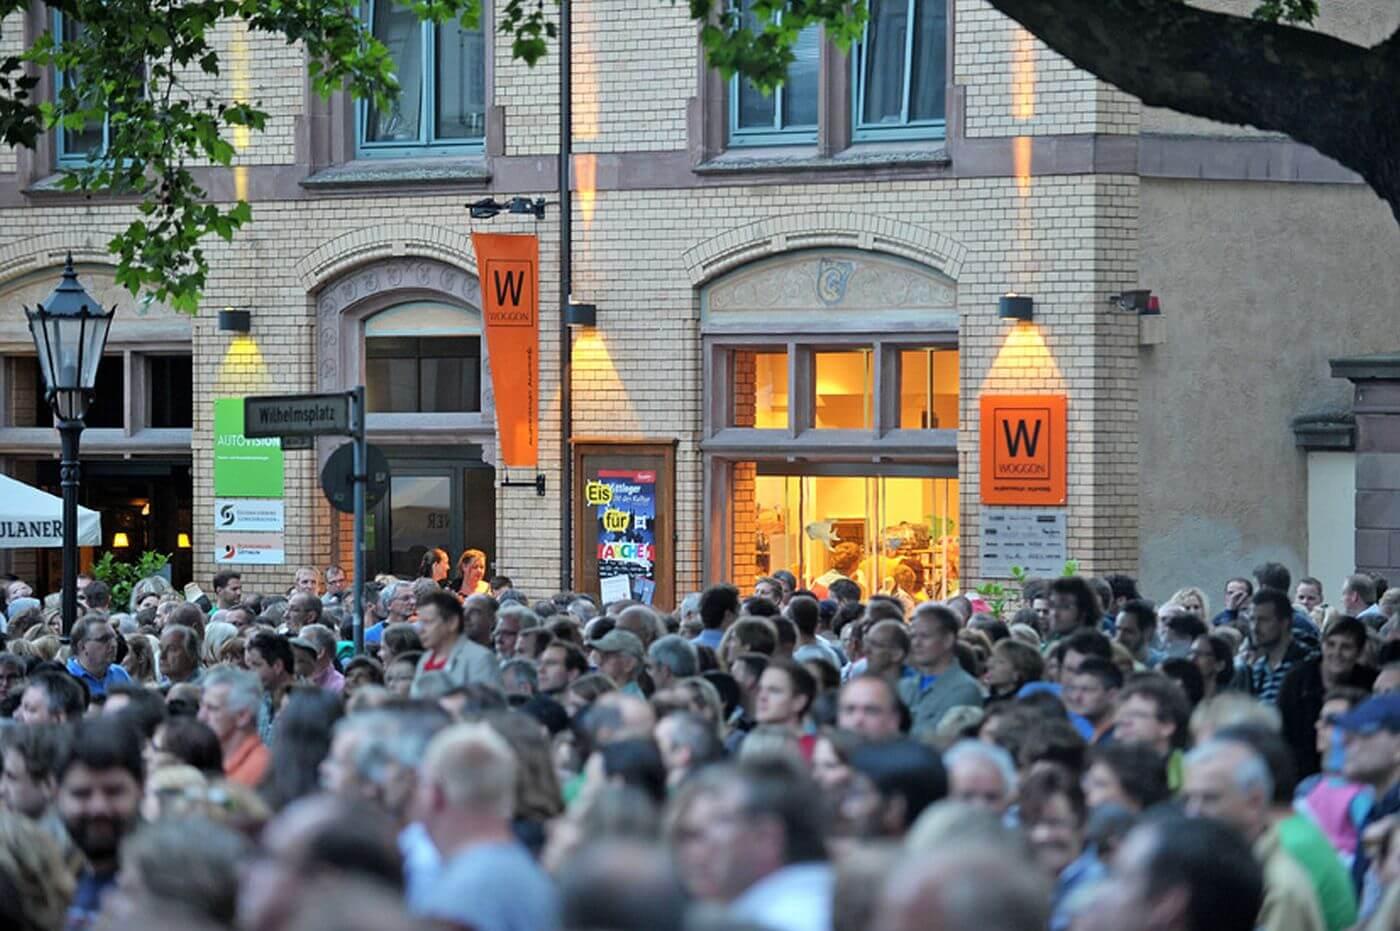 Woggon Nacht-der- Kulturen 2013 Front